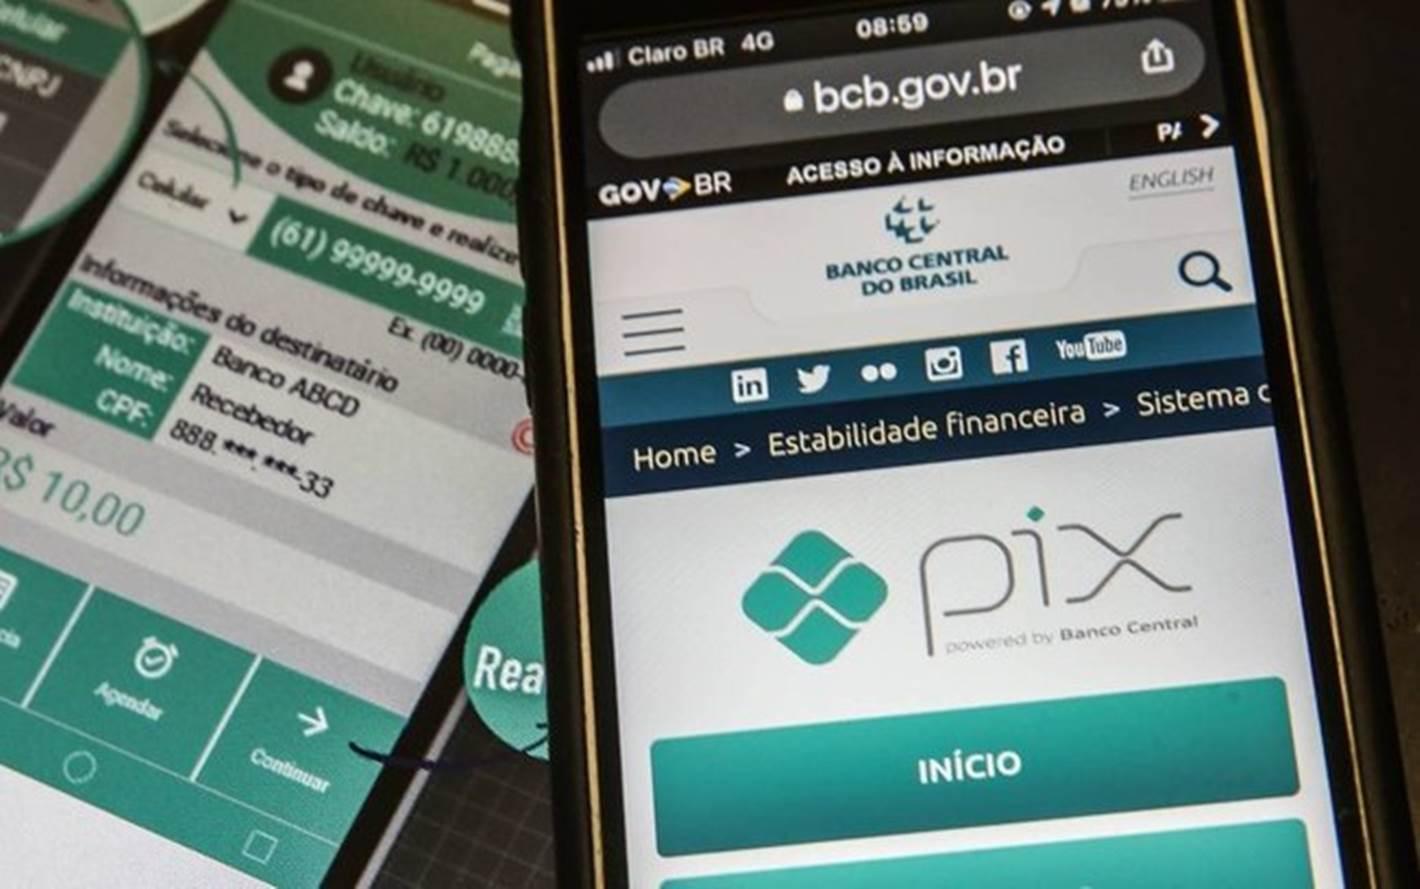 Mais de 159 milhões de chaves de acesso já foram cadastradas no PIX